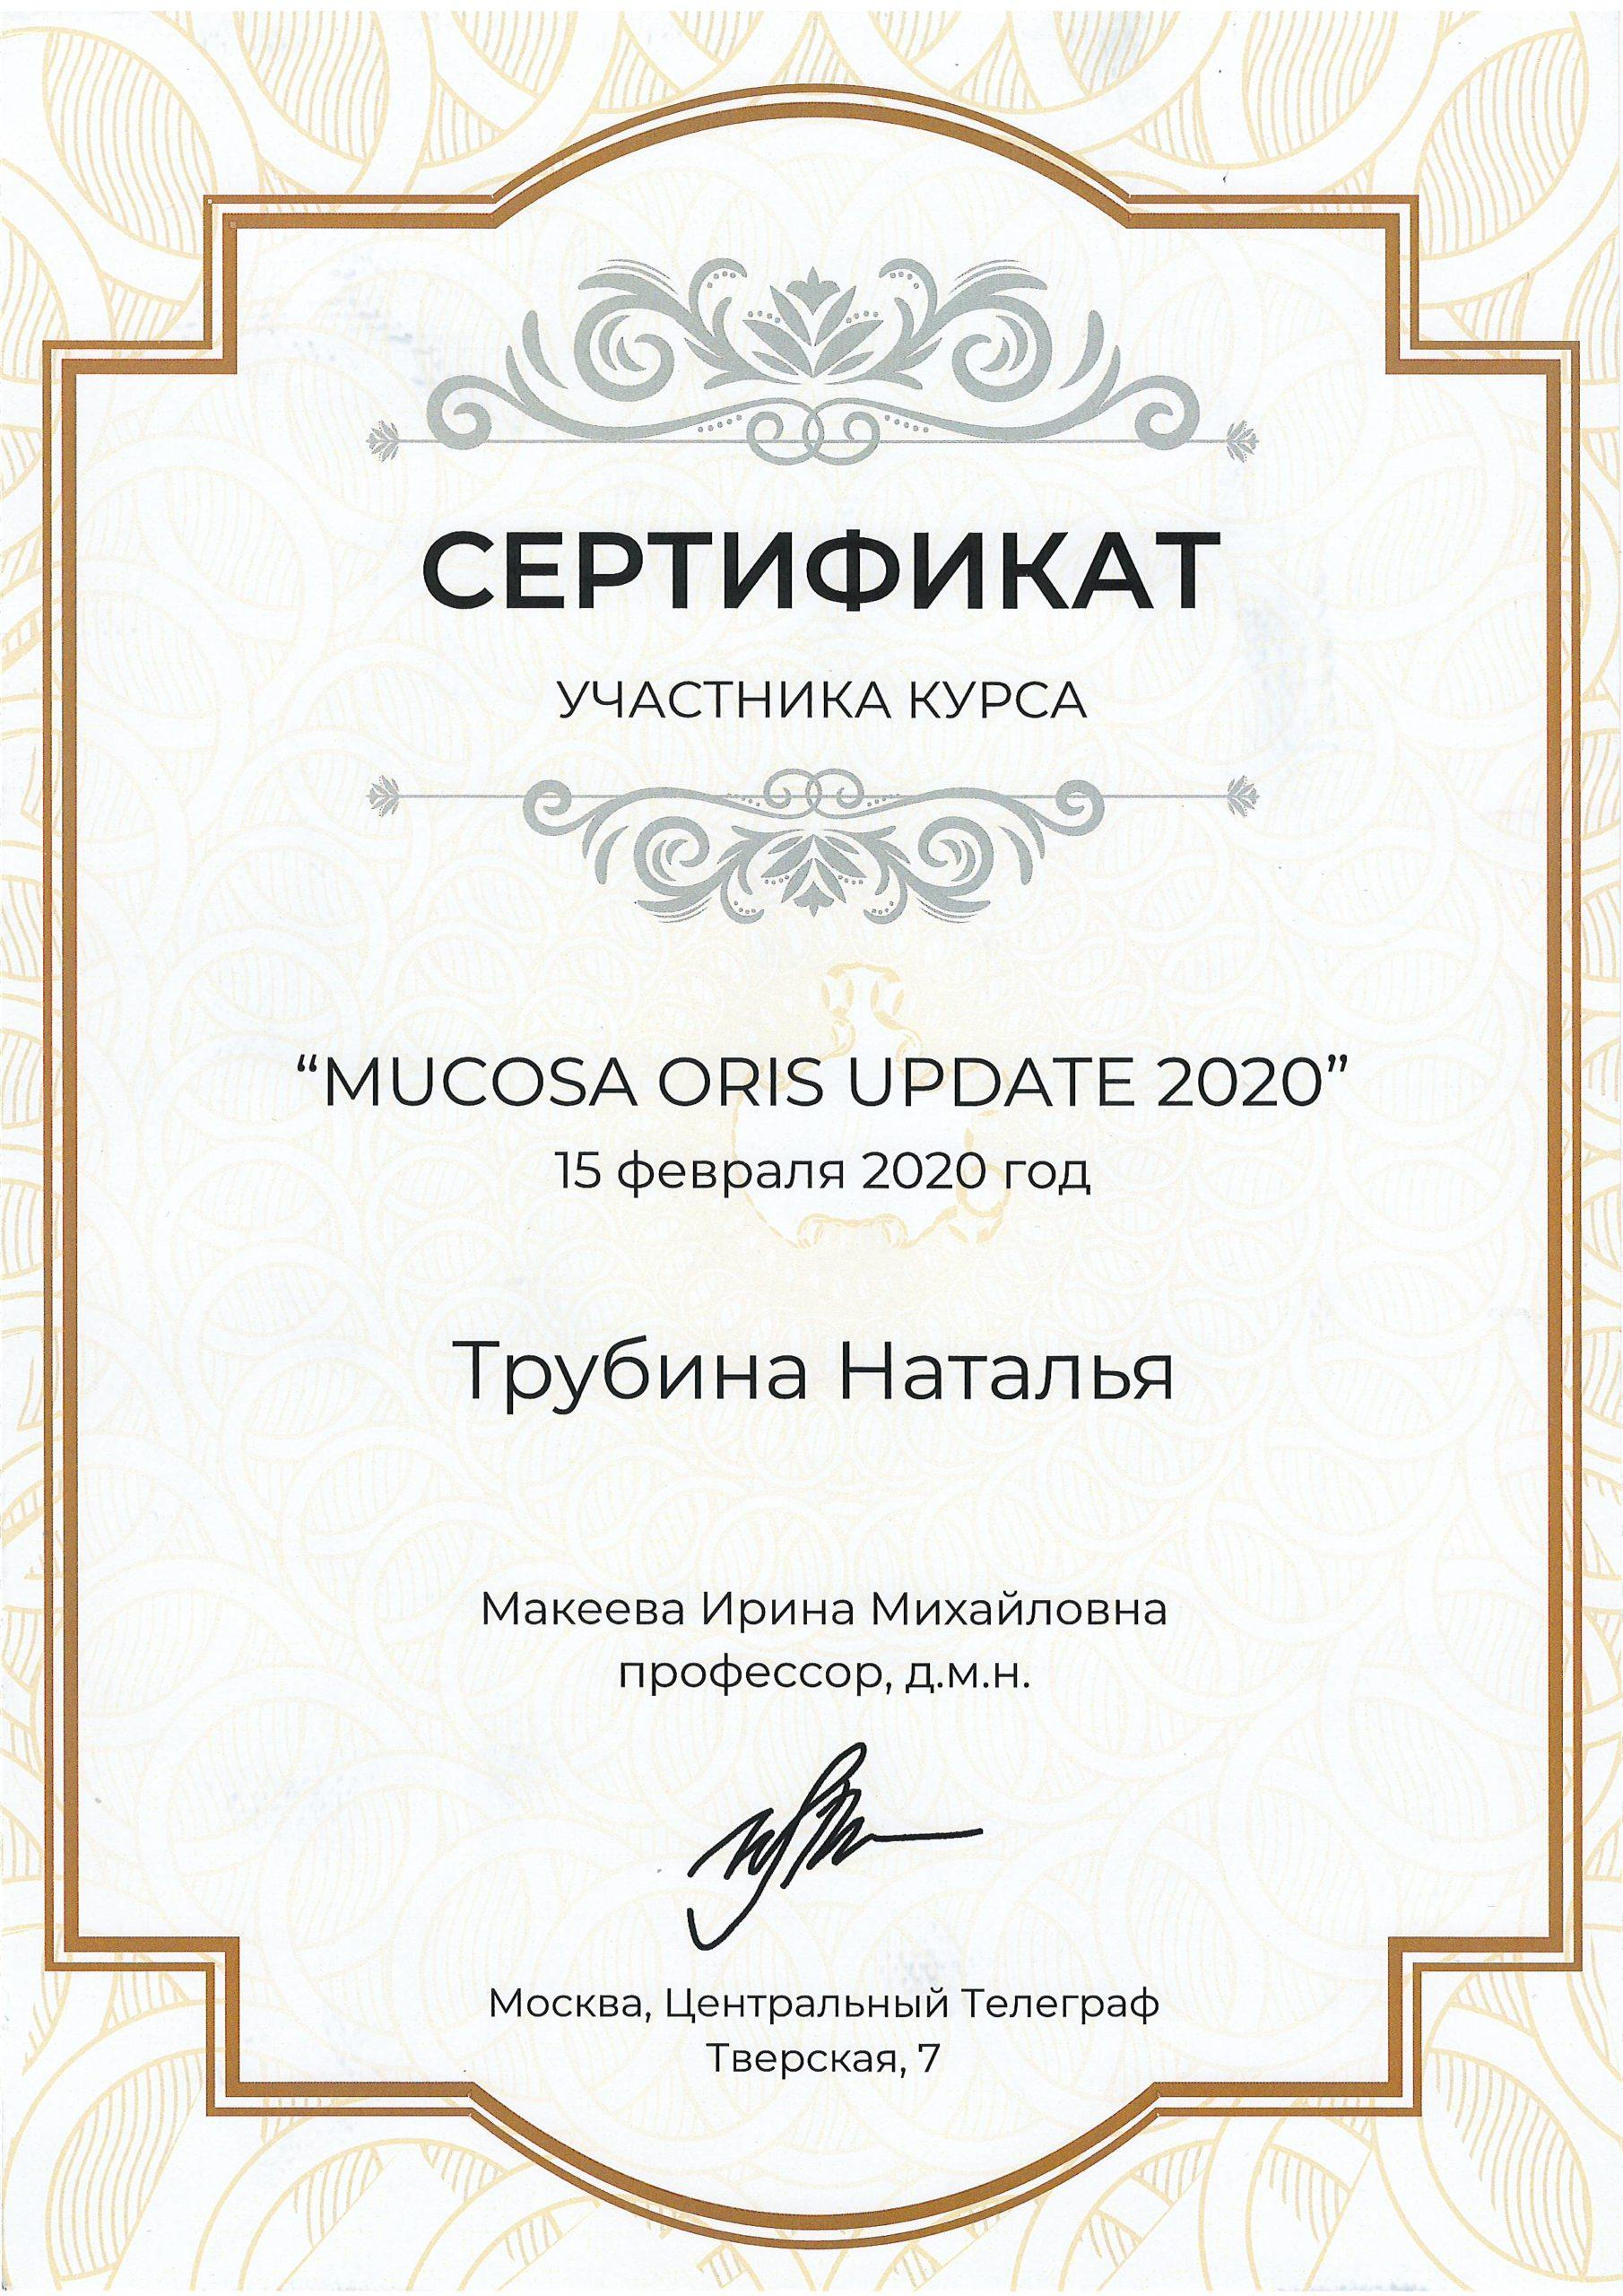 сертификат Трубина Наталья